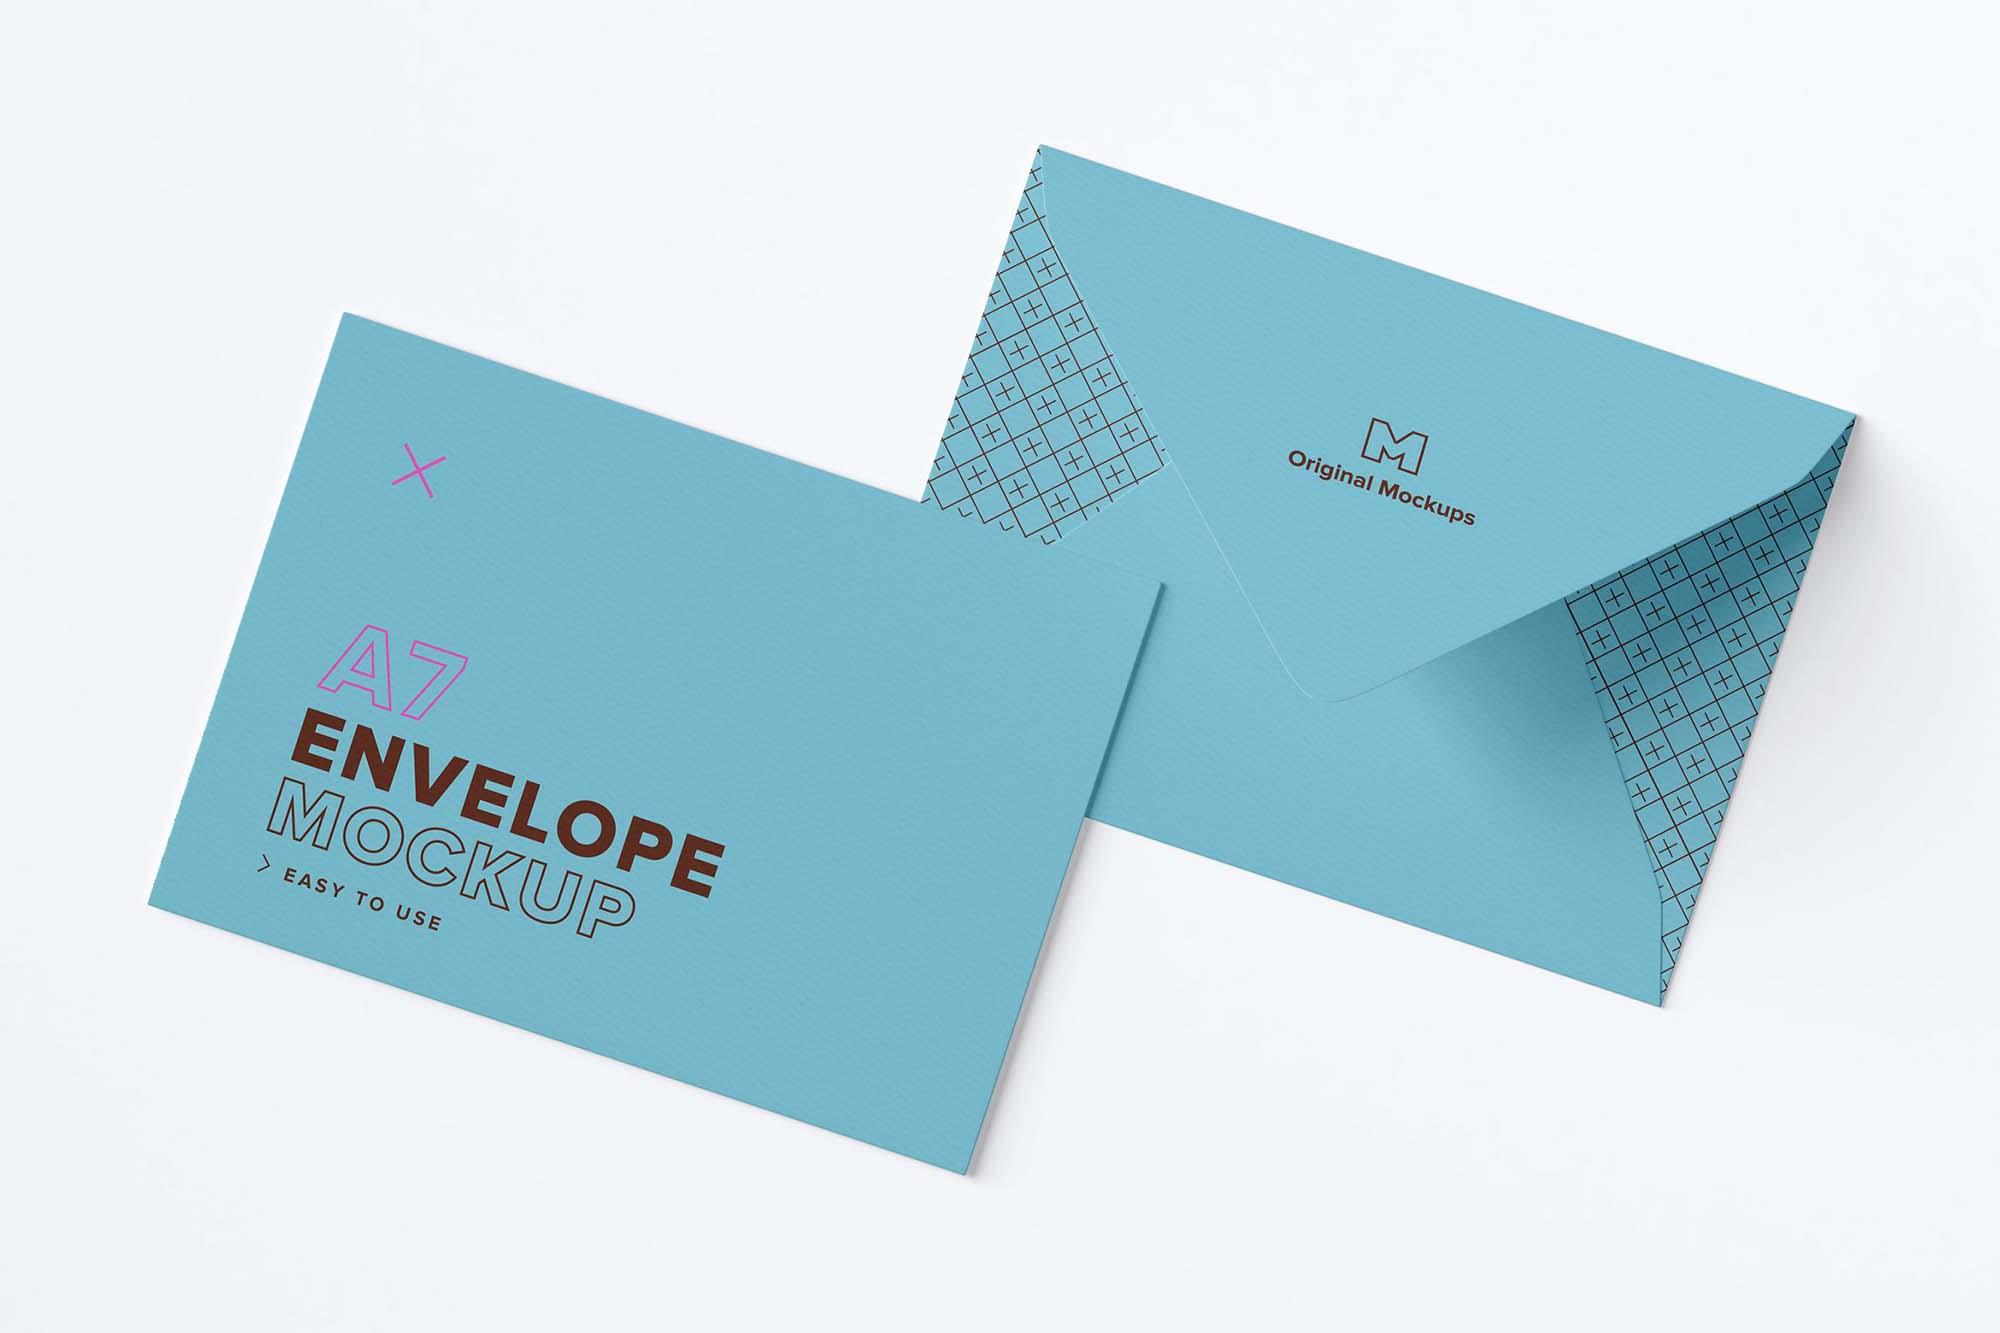 Free a7 envelope mockup psd a7 envelope mockup colourmoves